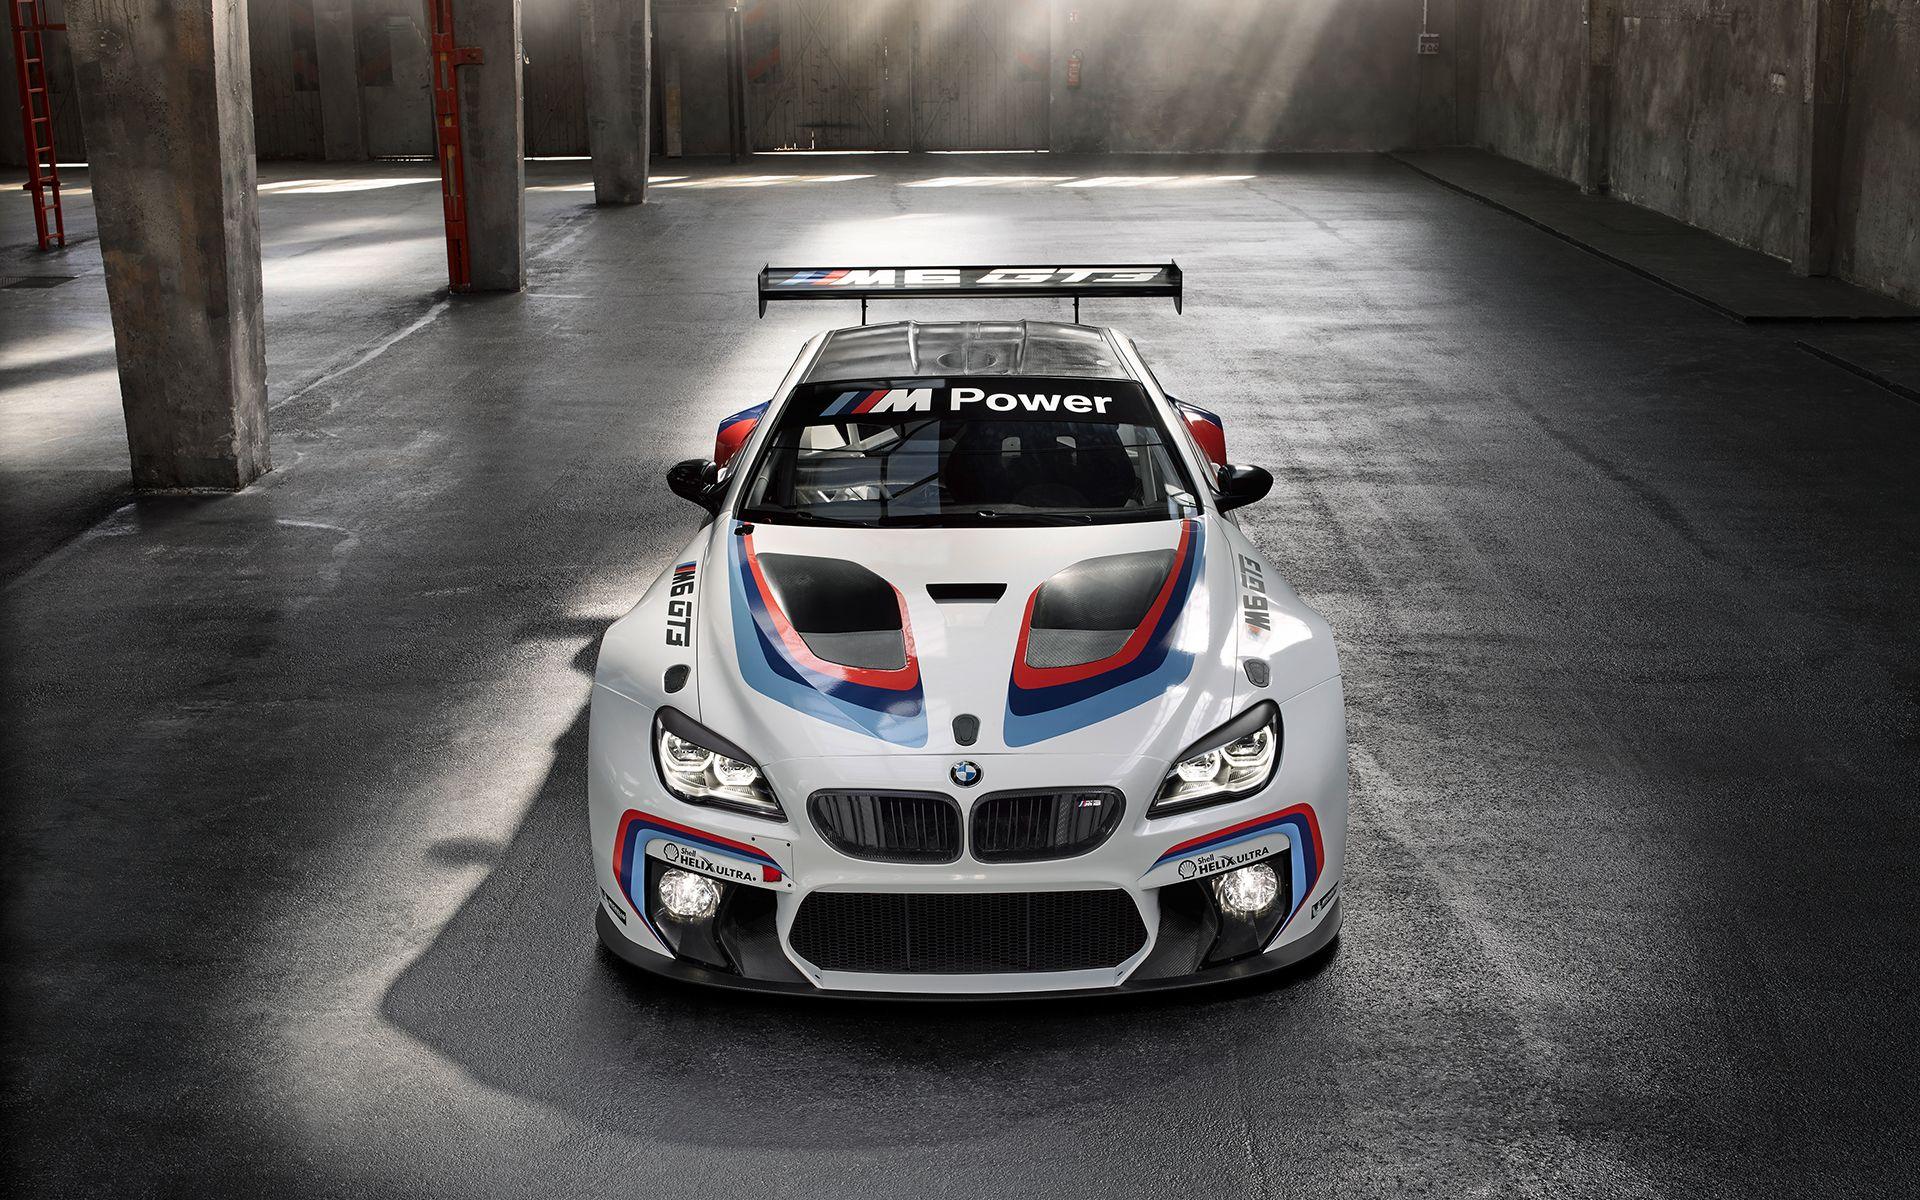 Bmw motorsport rea de f s wallpaper